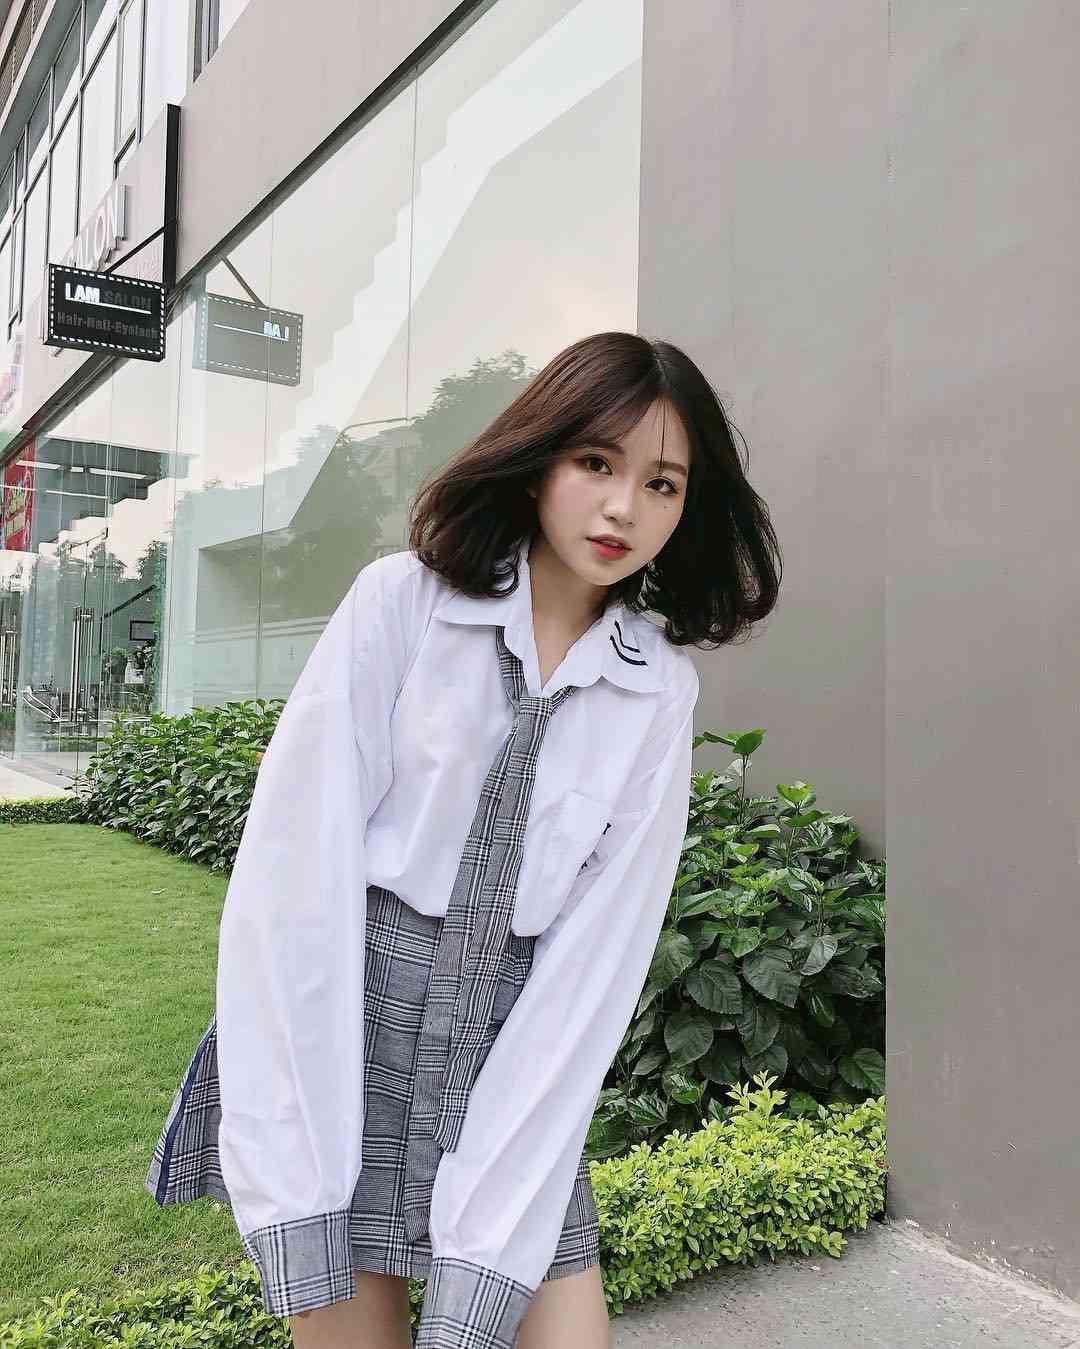 Cô gái được cho là bạn gái mới Quang Hải: Cao 1m52 và rất nóng bỏng - 4